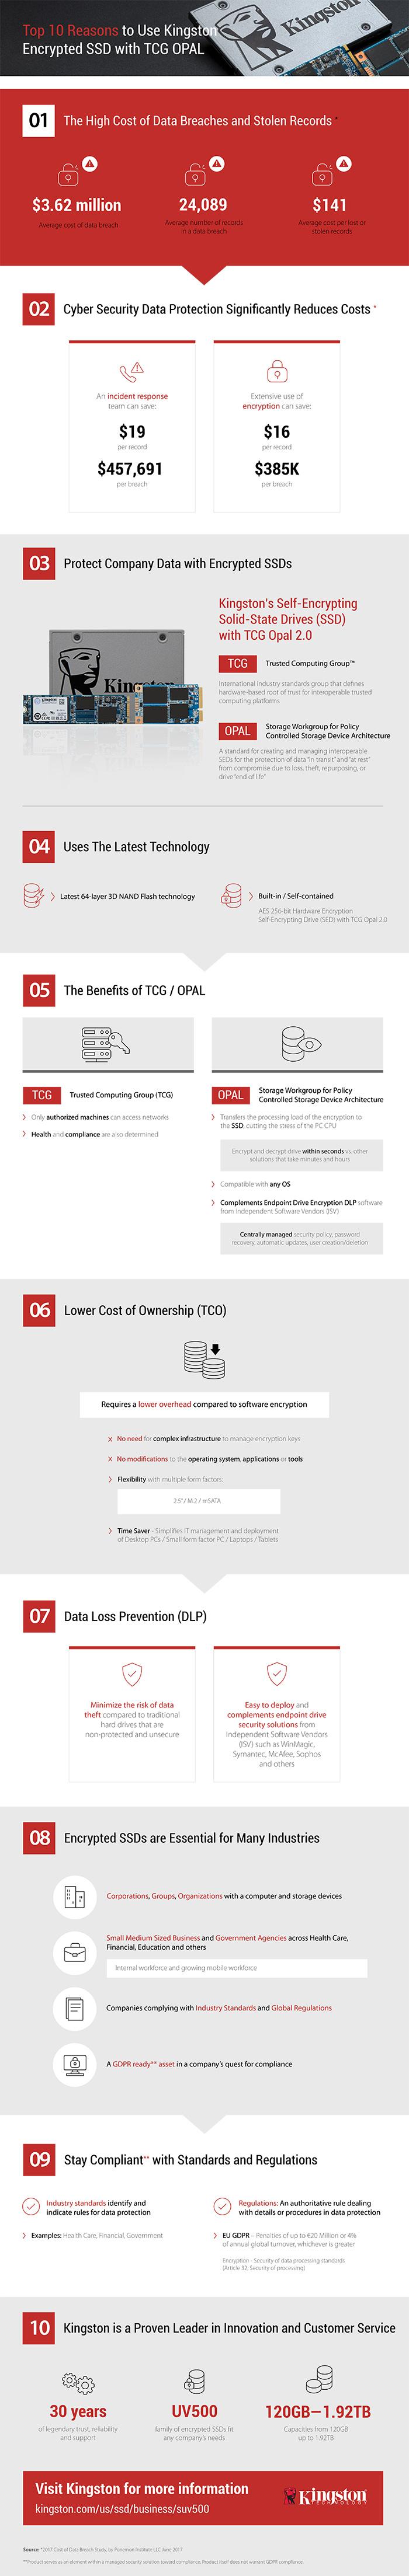 Les dix meilleures raisons d'utiliser des disques SSD cryptés de Kingston avec TCG OPAL